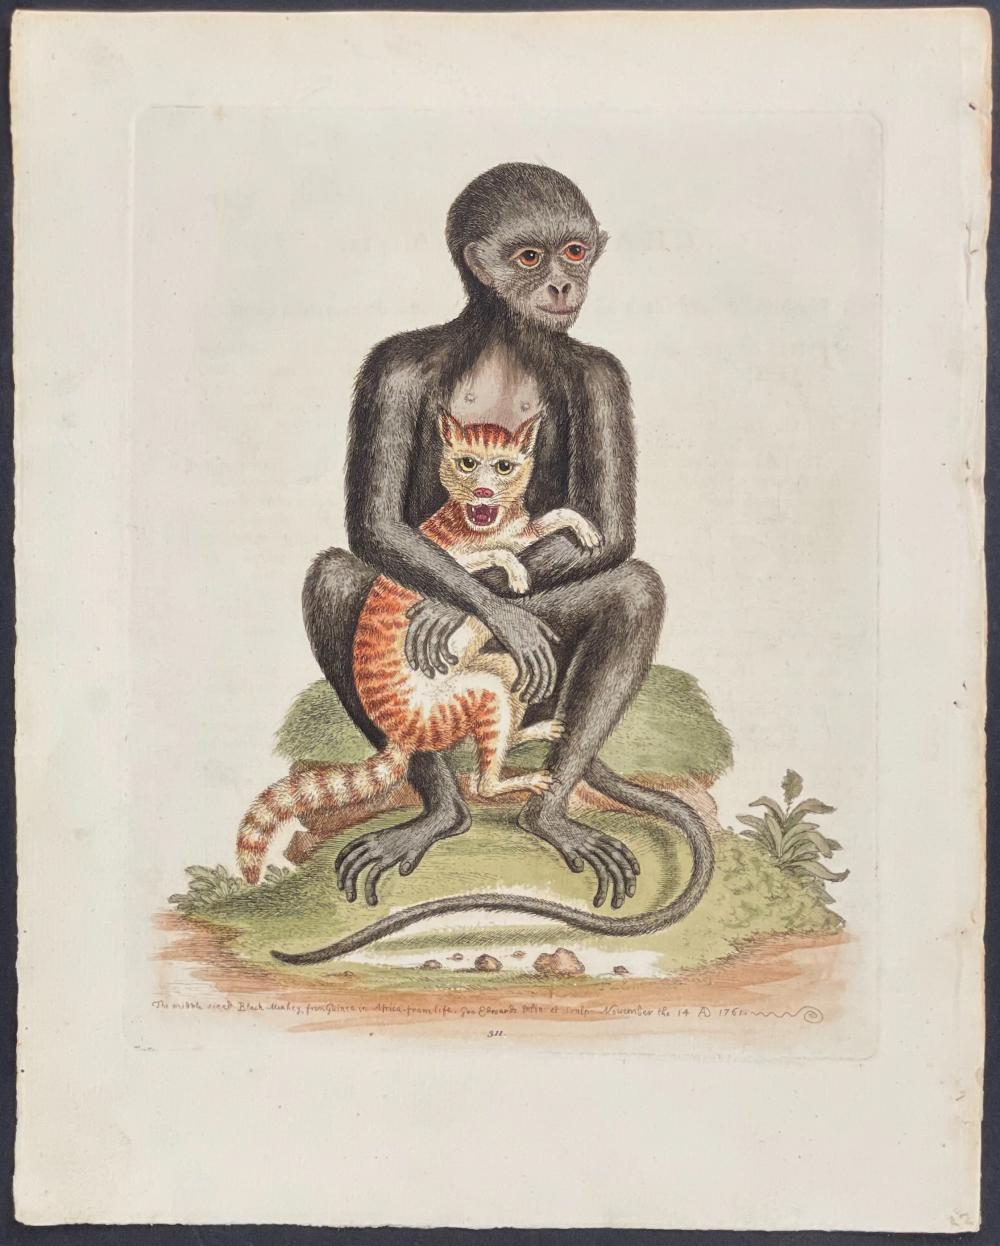 Edwards - Middle-sized Black Monkey Holding Cat. 311